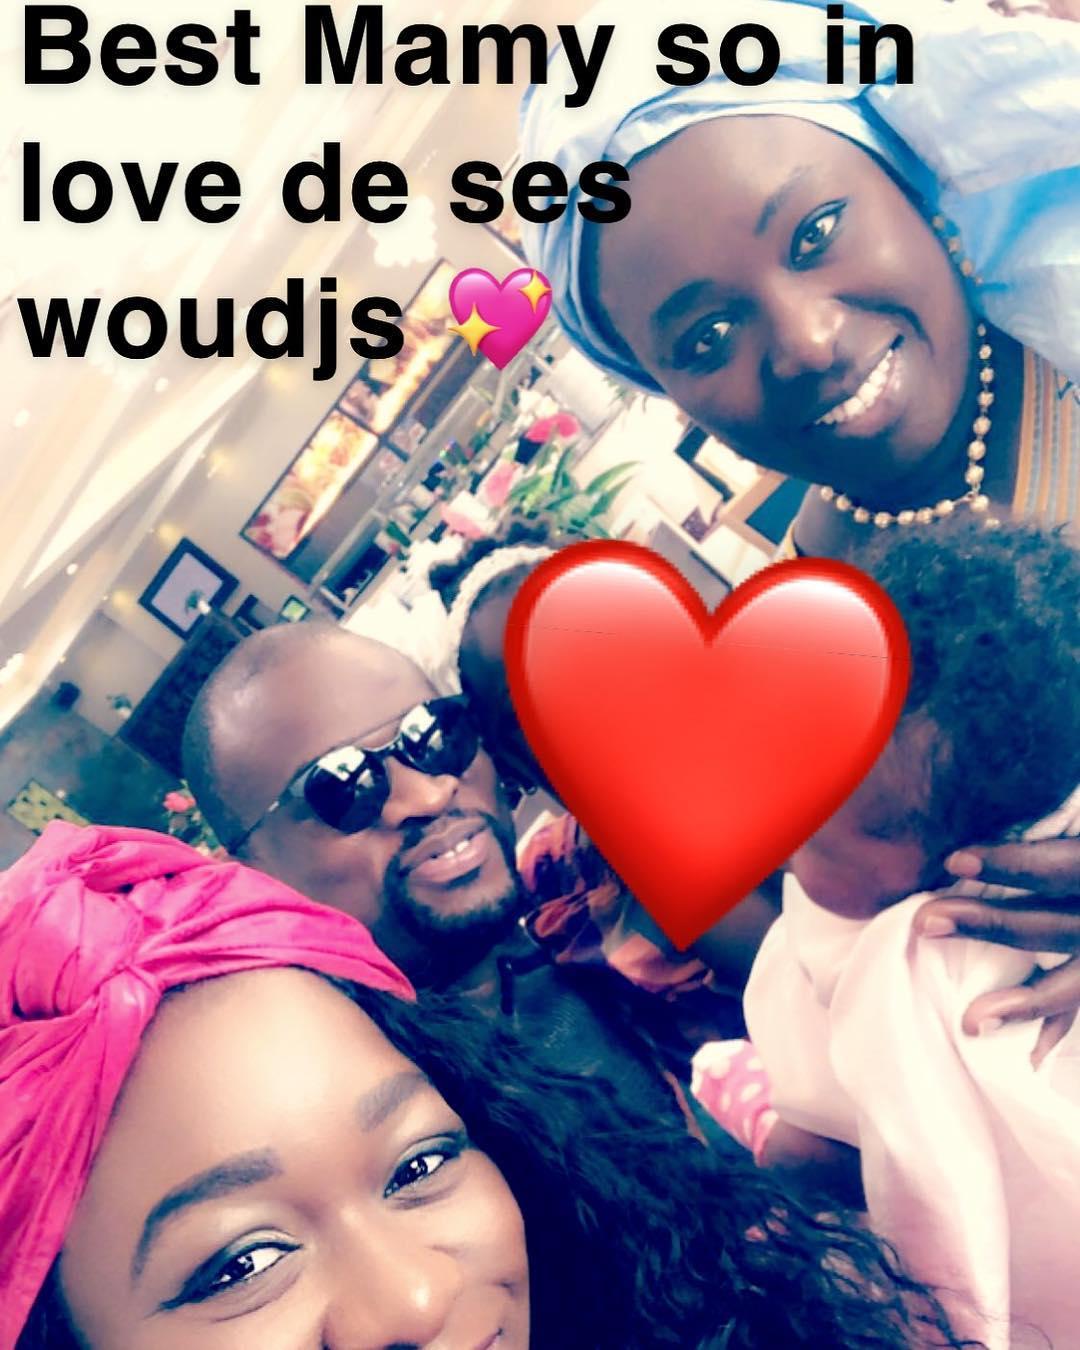 Khady-Bijou-Ndiaye-7-1 Frappante ressemblance : Khady Bijou Ndiaye dévoile sa mère pour la première fois (05 Photos)